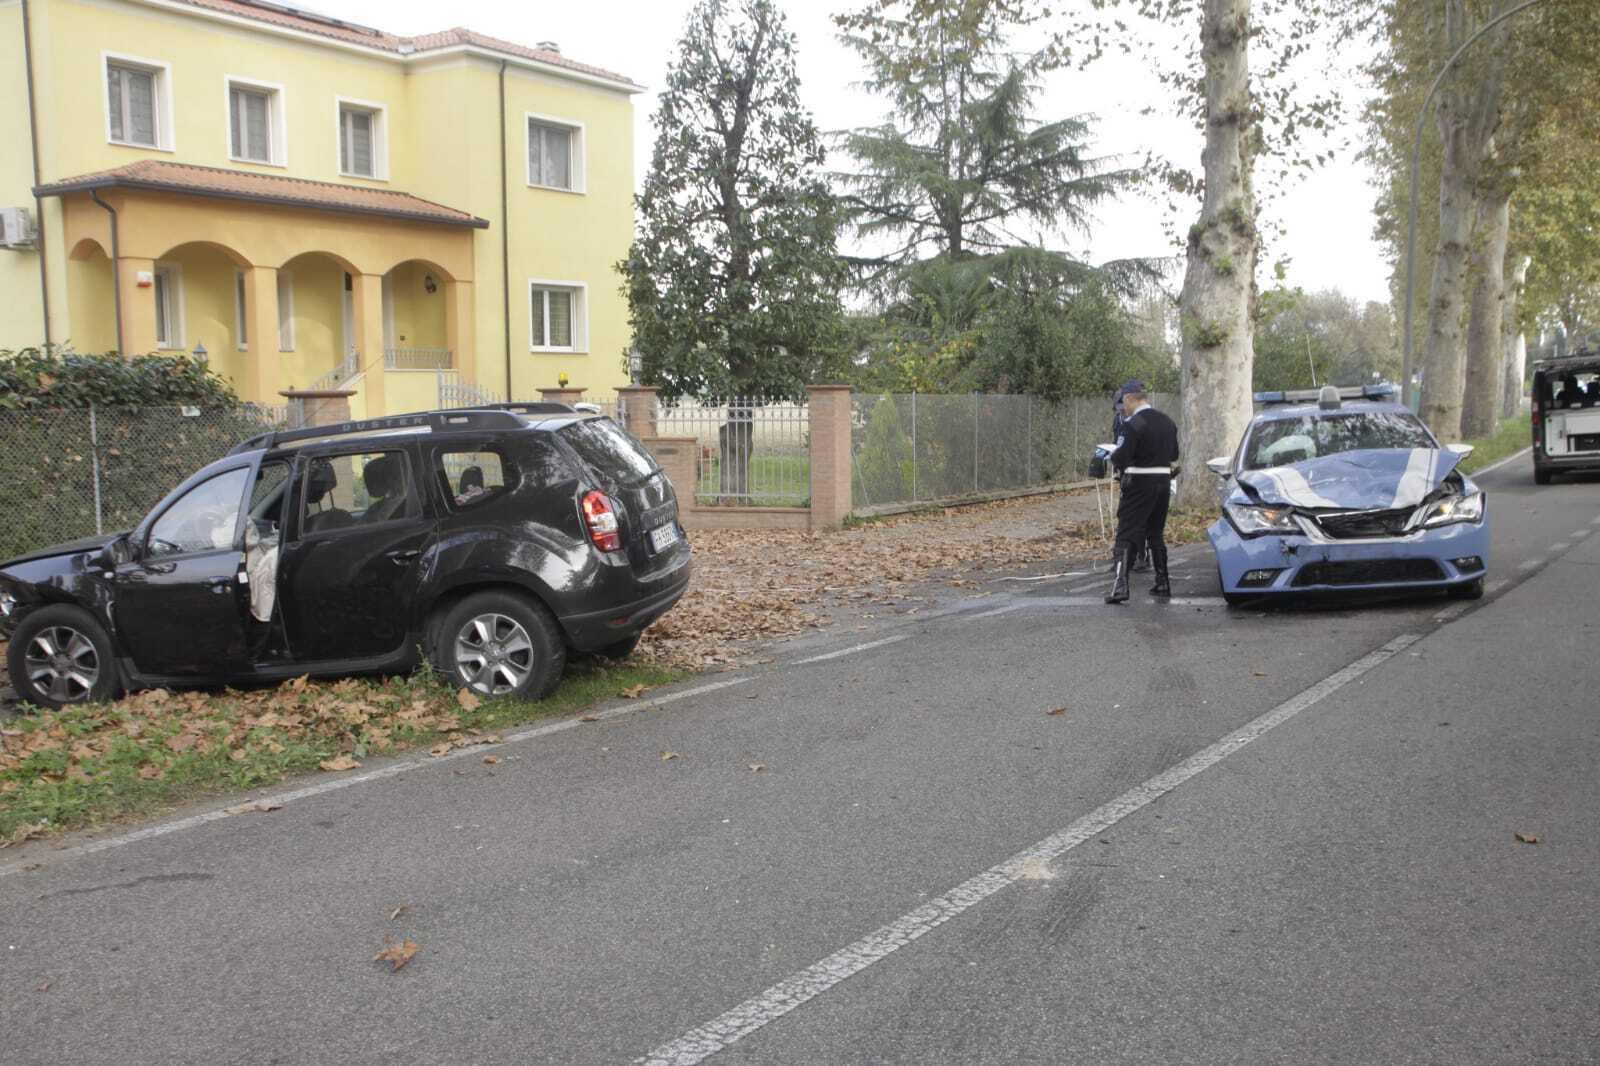 Scontro tra un suv e l'auto della Polizia, quattro feriti a Lugo